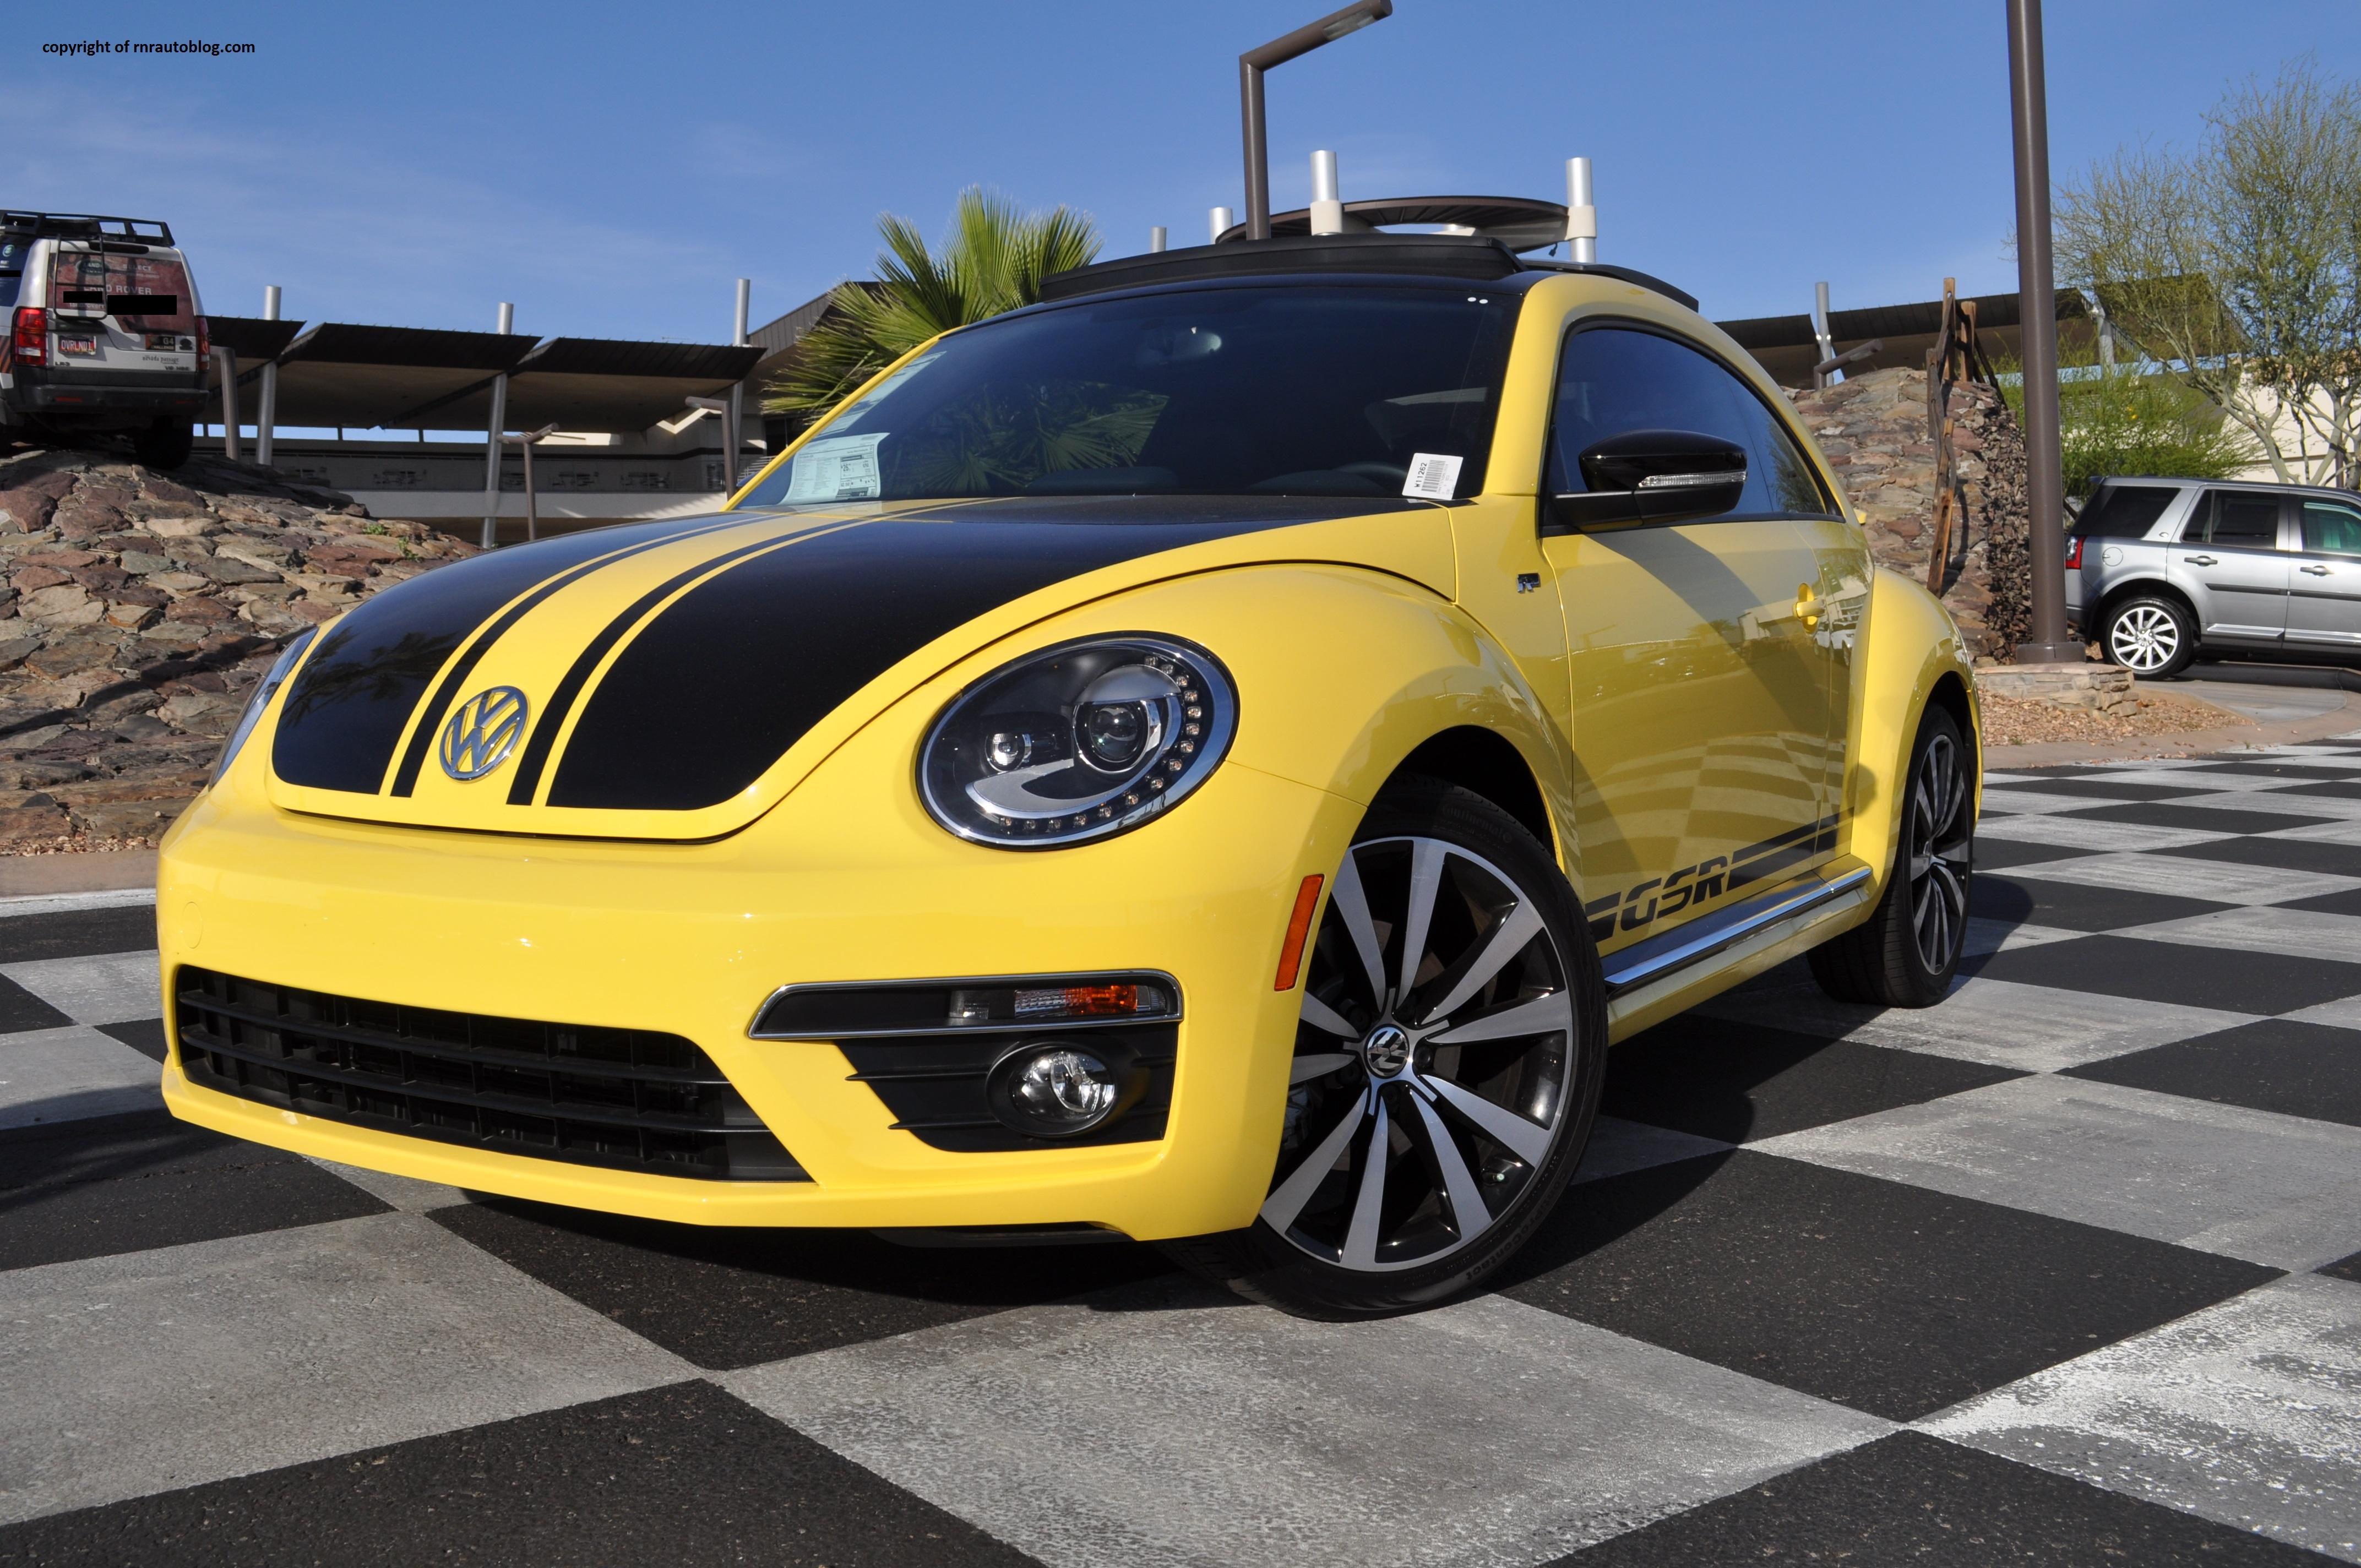 2014 volkswagen beetle turbo gsr teaser rnr automotive blog. Black Bedroom Furniture Sets. Home Design Ideas